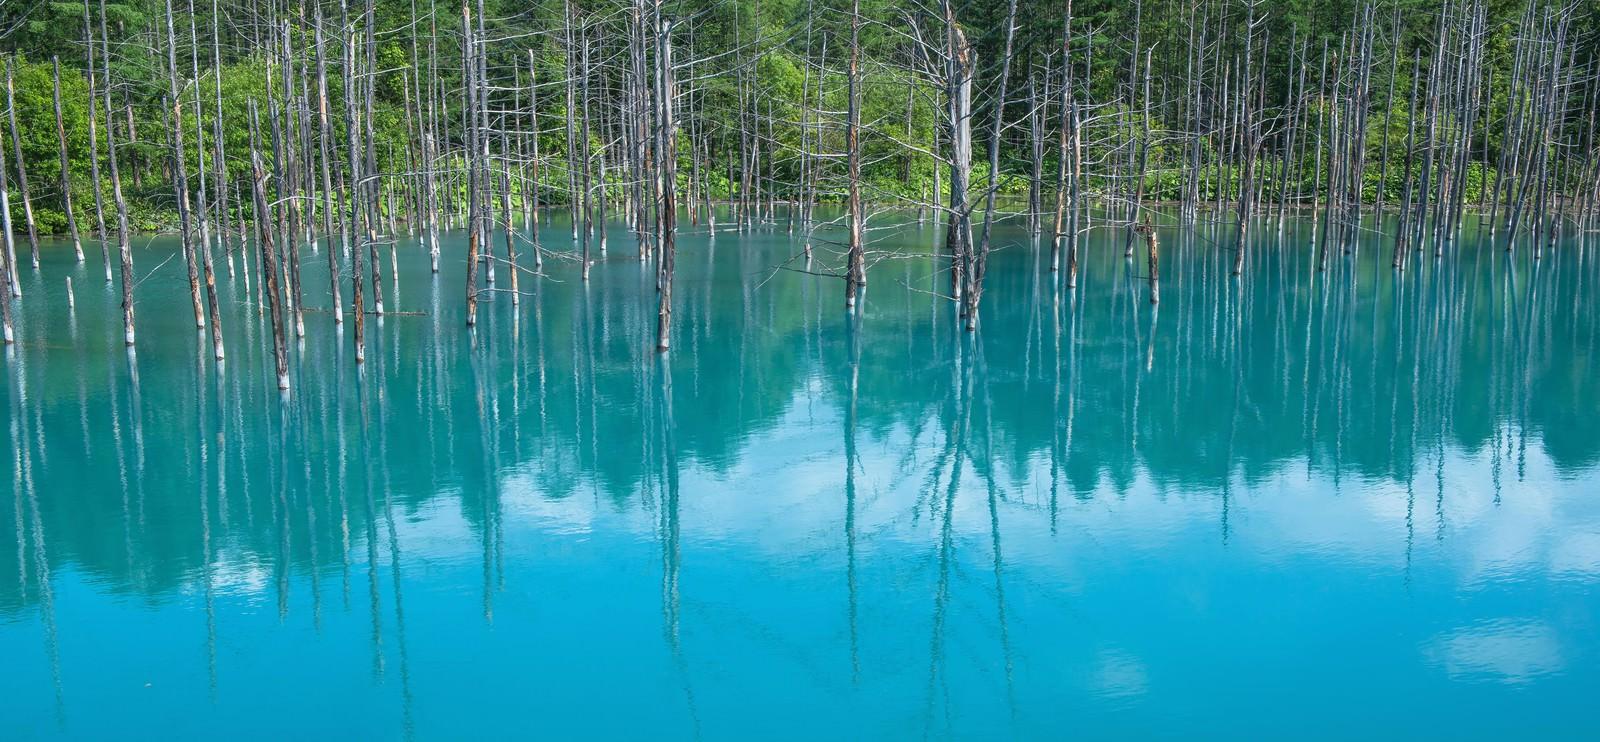 「青い池」の写真